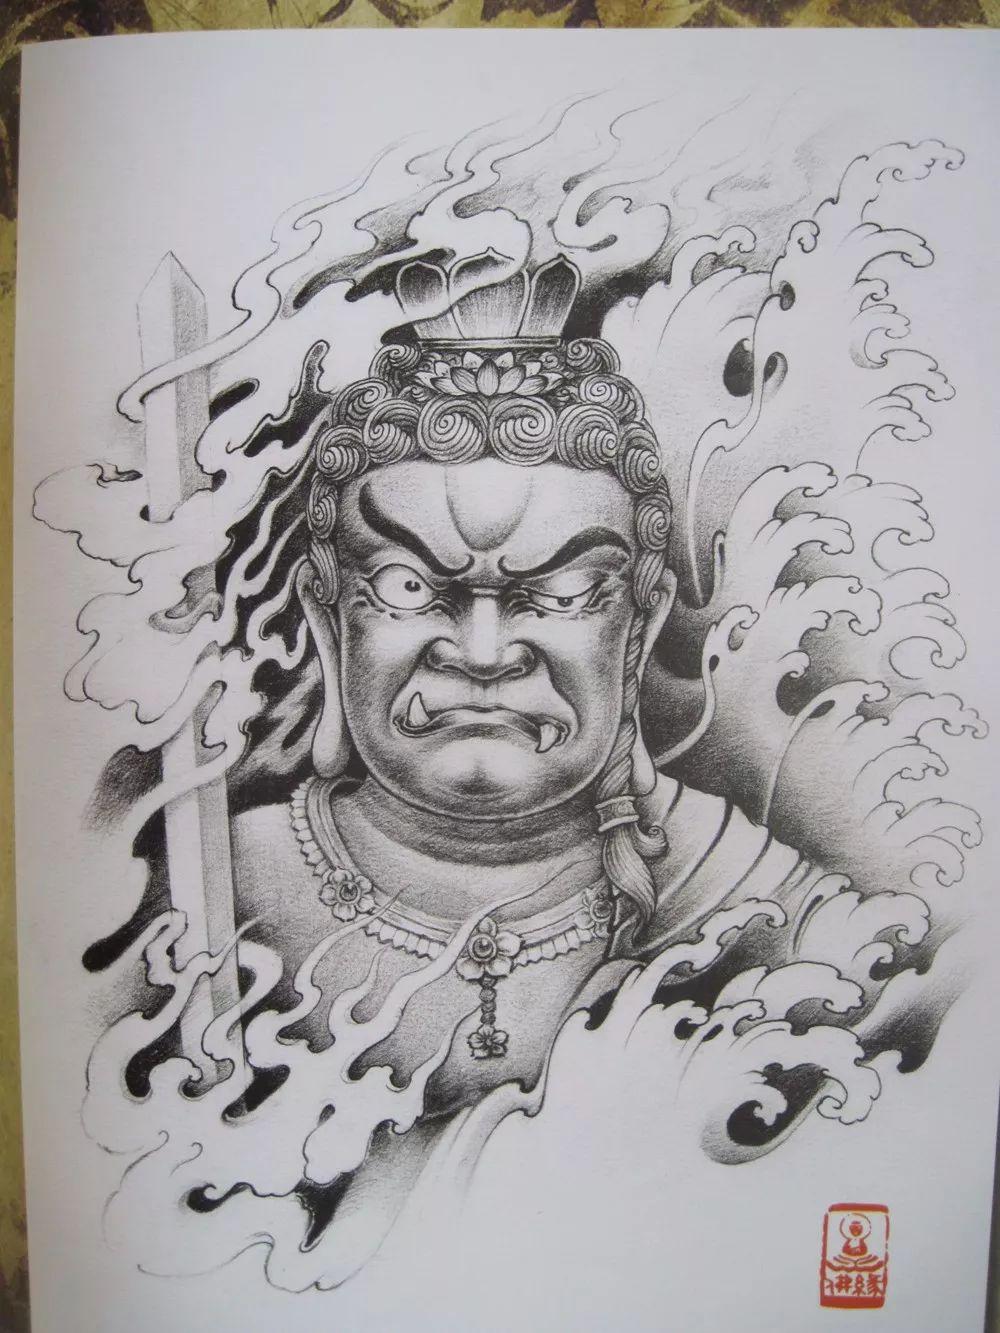 我是雕刻师,佛像雕刻纹身素描素材手稿楚雄学室内设计图片